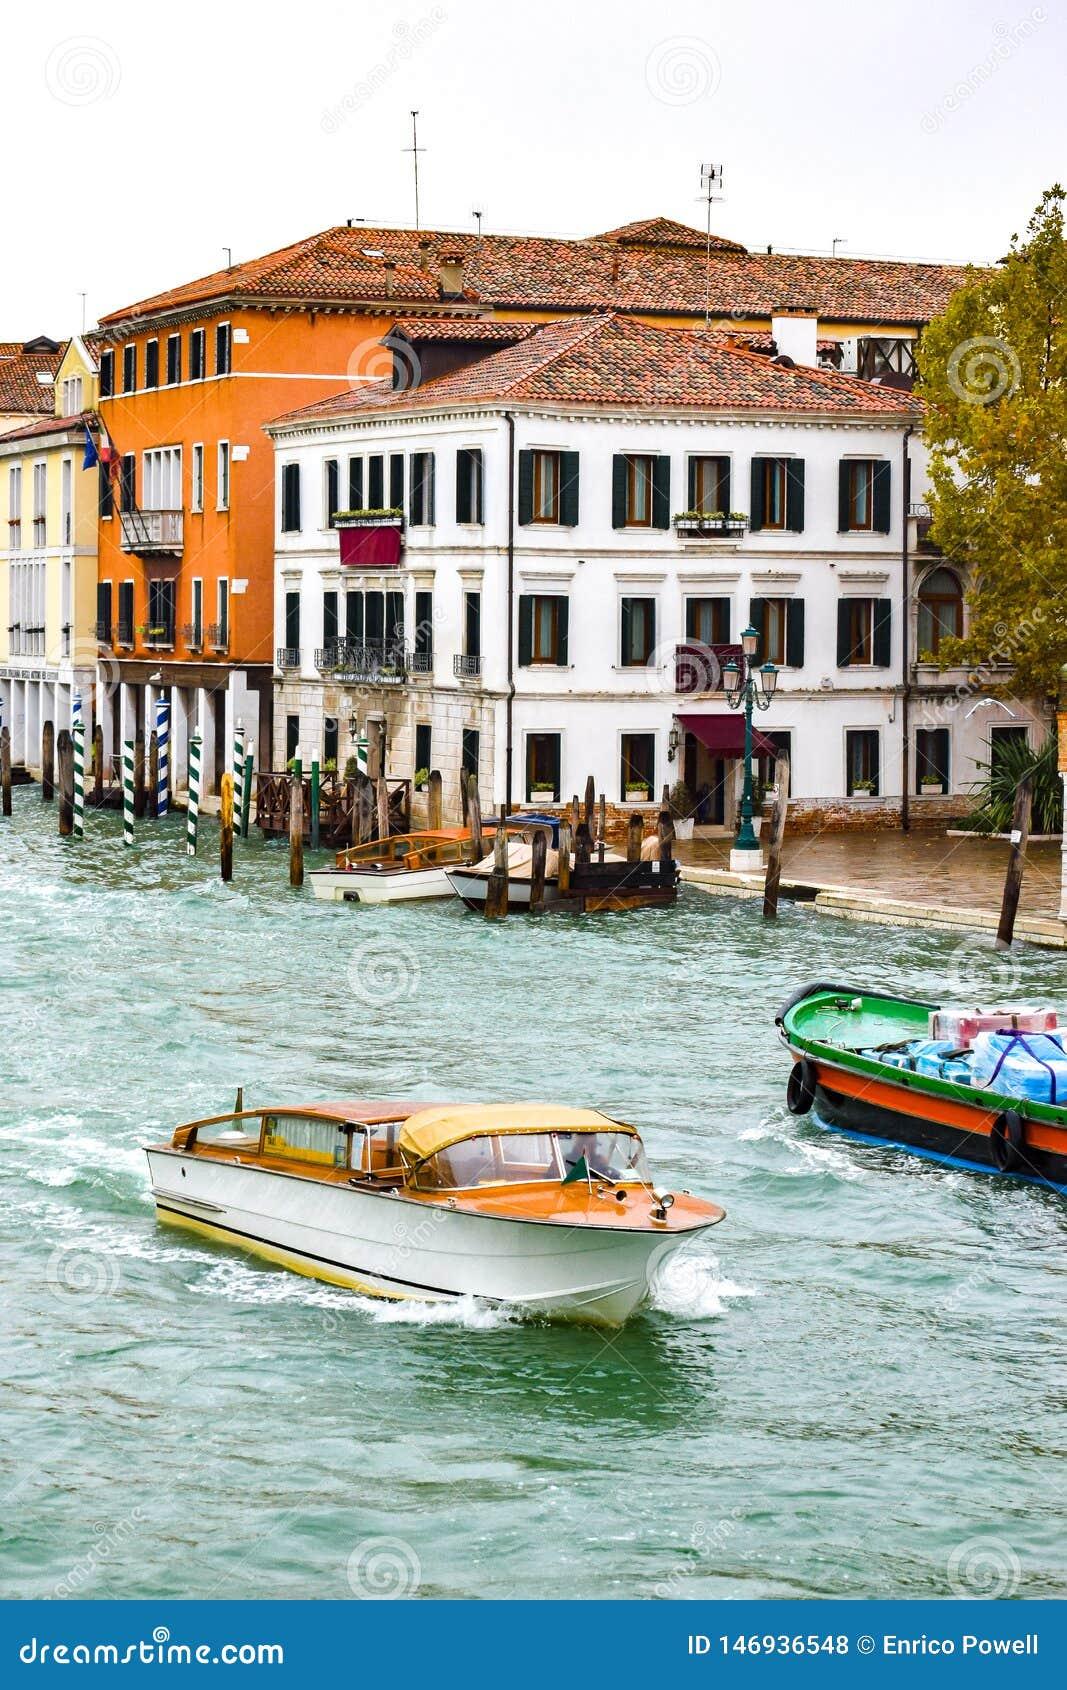 Wassertaxi und ein Boot, welches die Waren, segelnd durch Grand Canal in Venedig, Italien transportiert